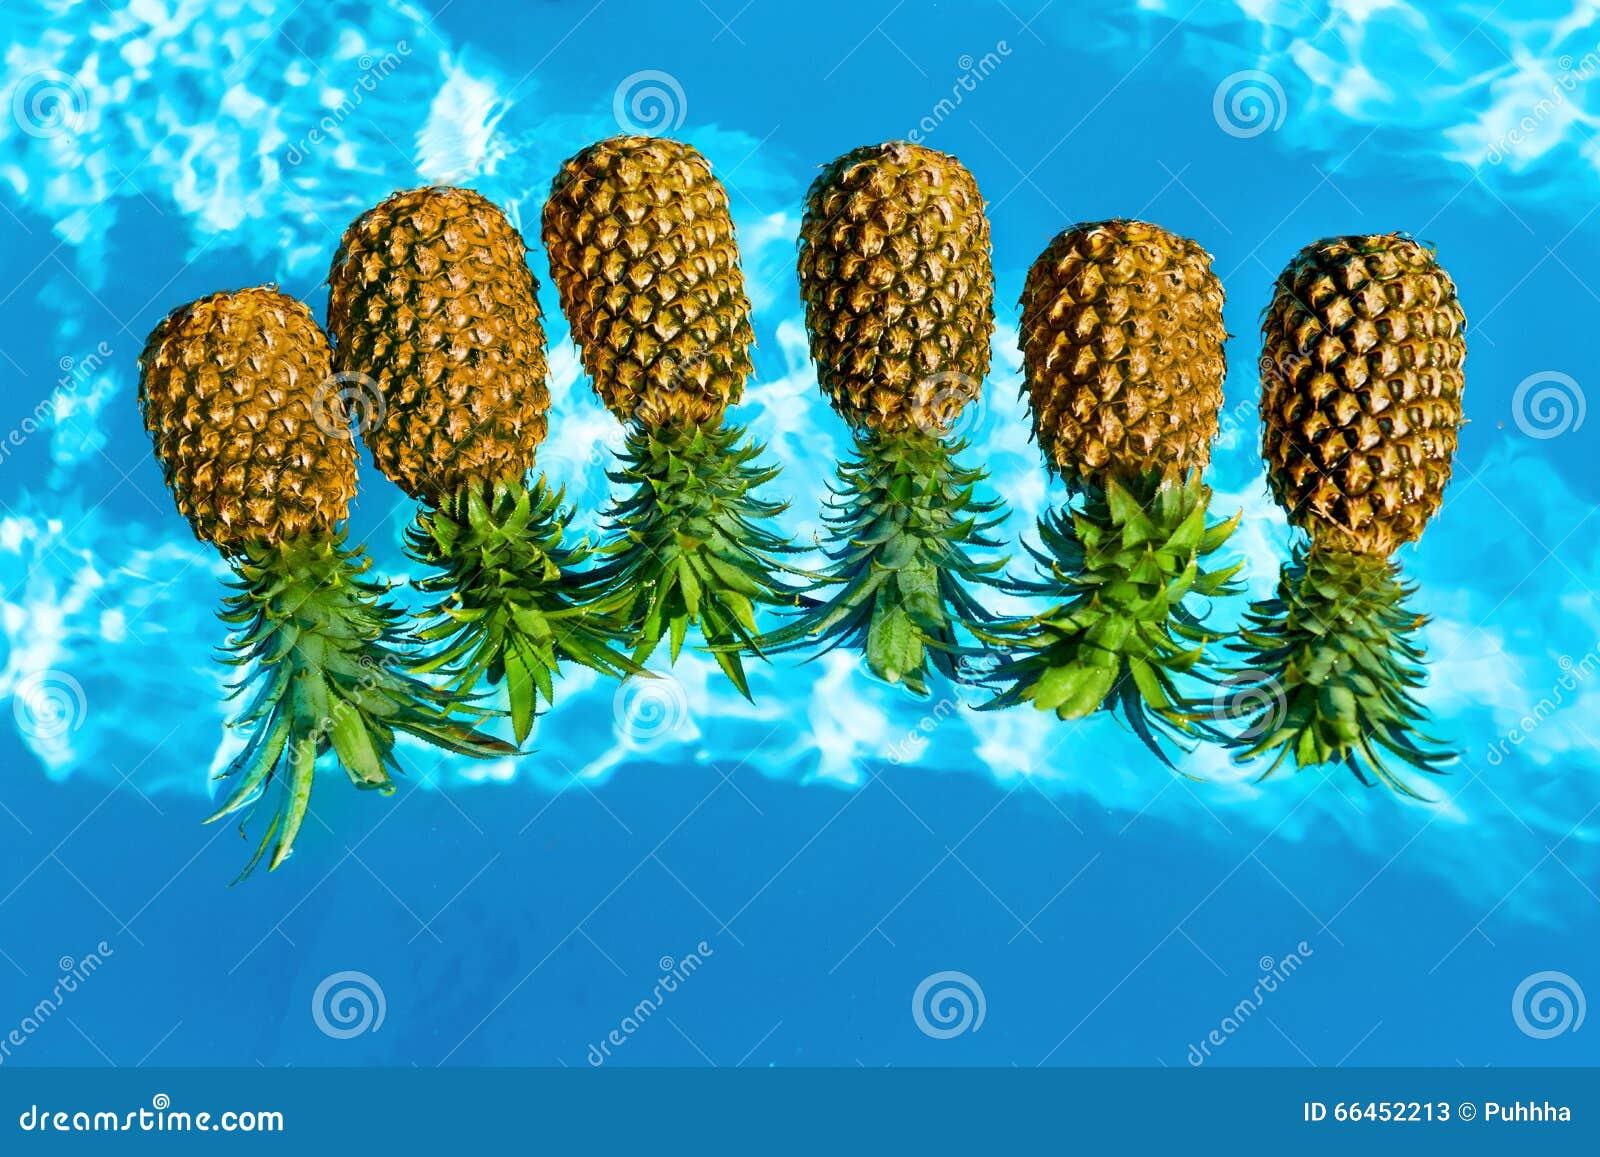 nourriture saine ananas organiques frais dans l 39 eau fruits nutriti photo stock image 66452213. Black Bedroom Furniture Sets. Home Design Ideas